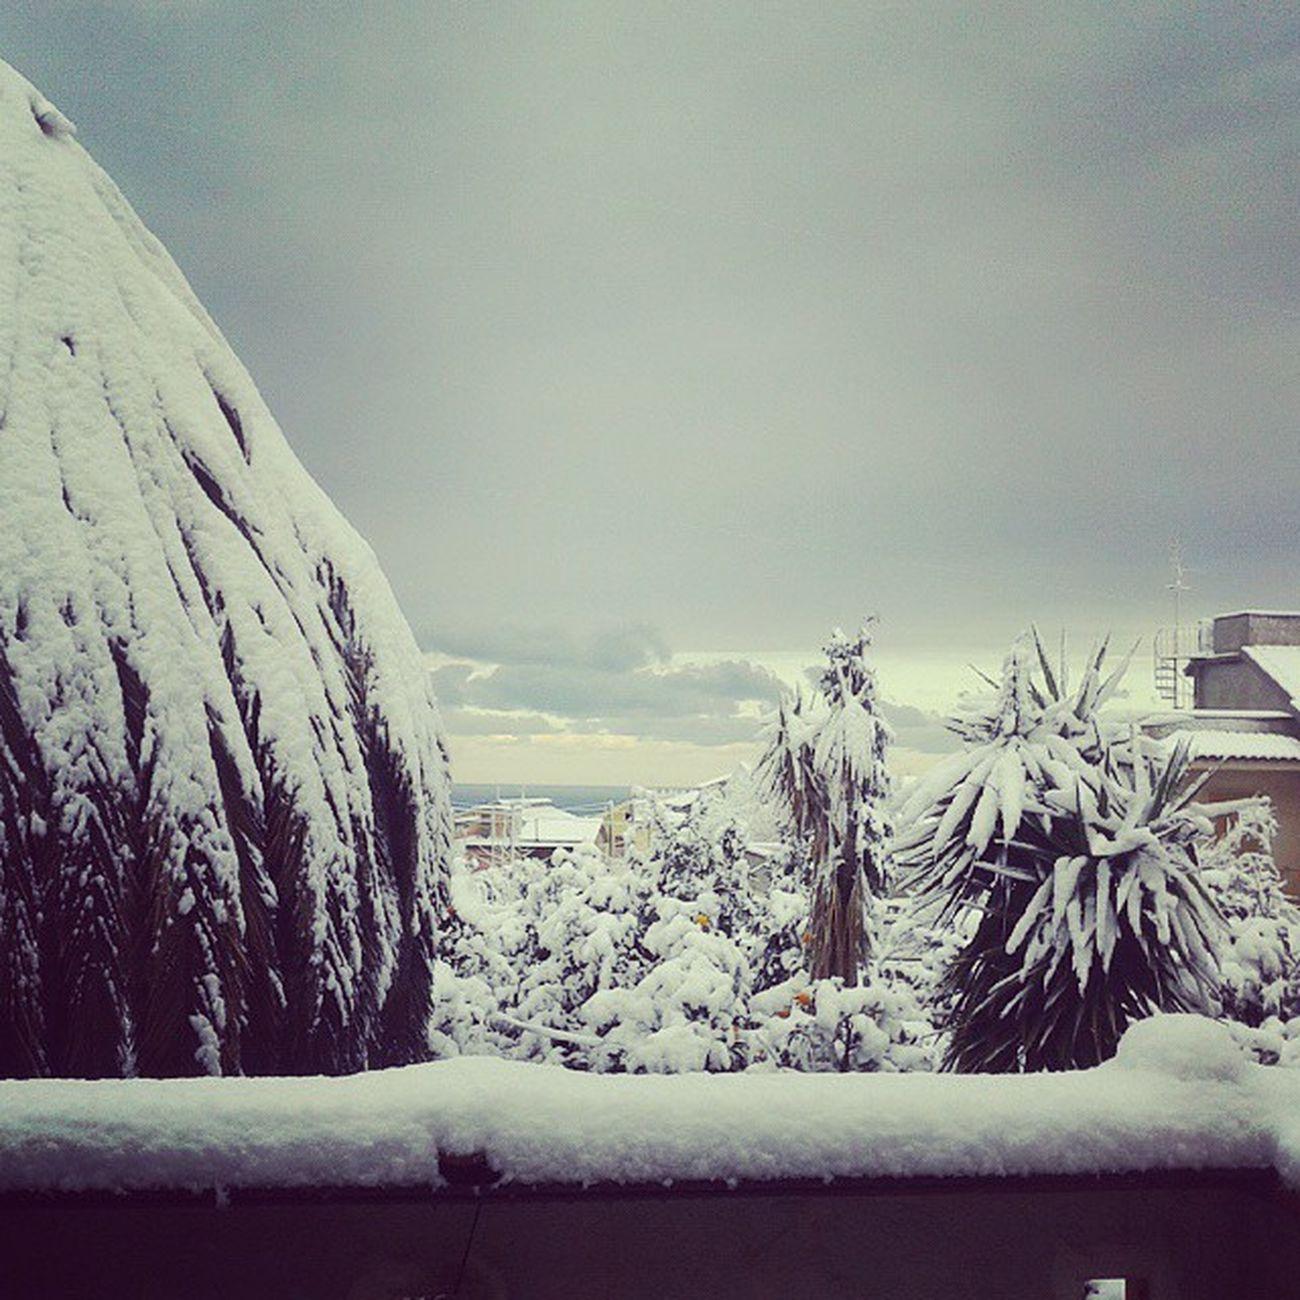 La Neve agli irti colli. Neve Dopounavita Eiodevostudiare . Zacca